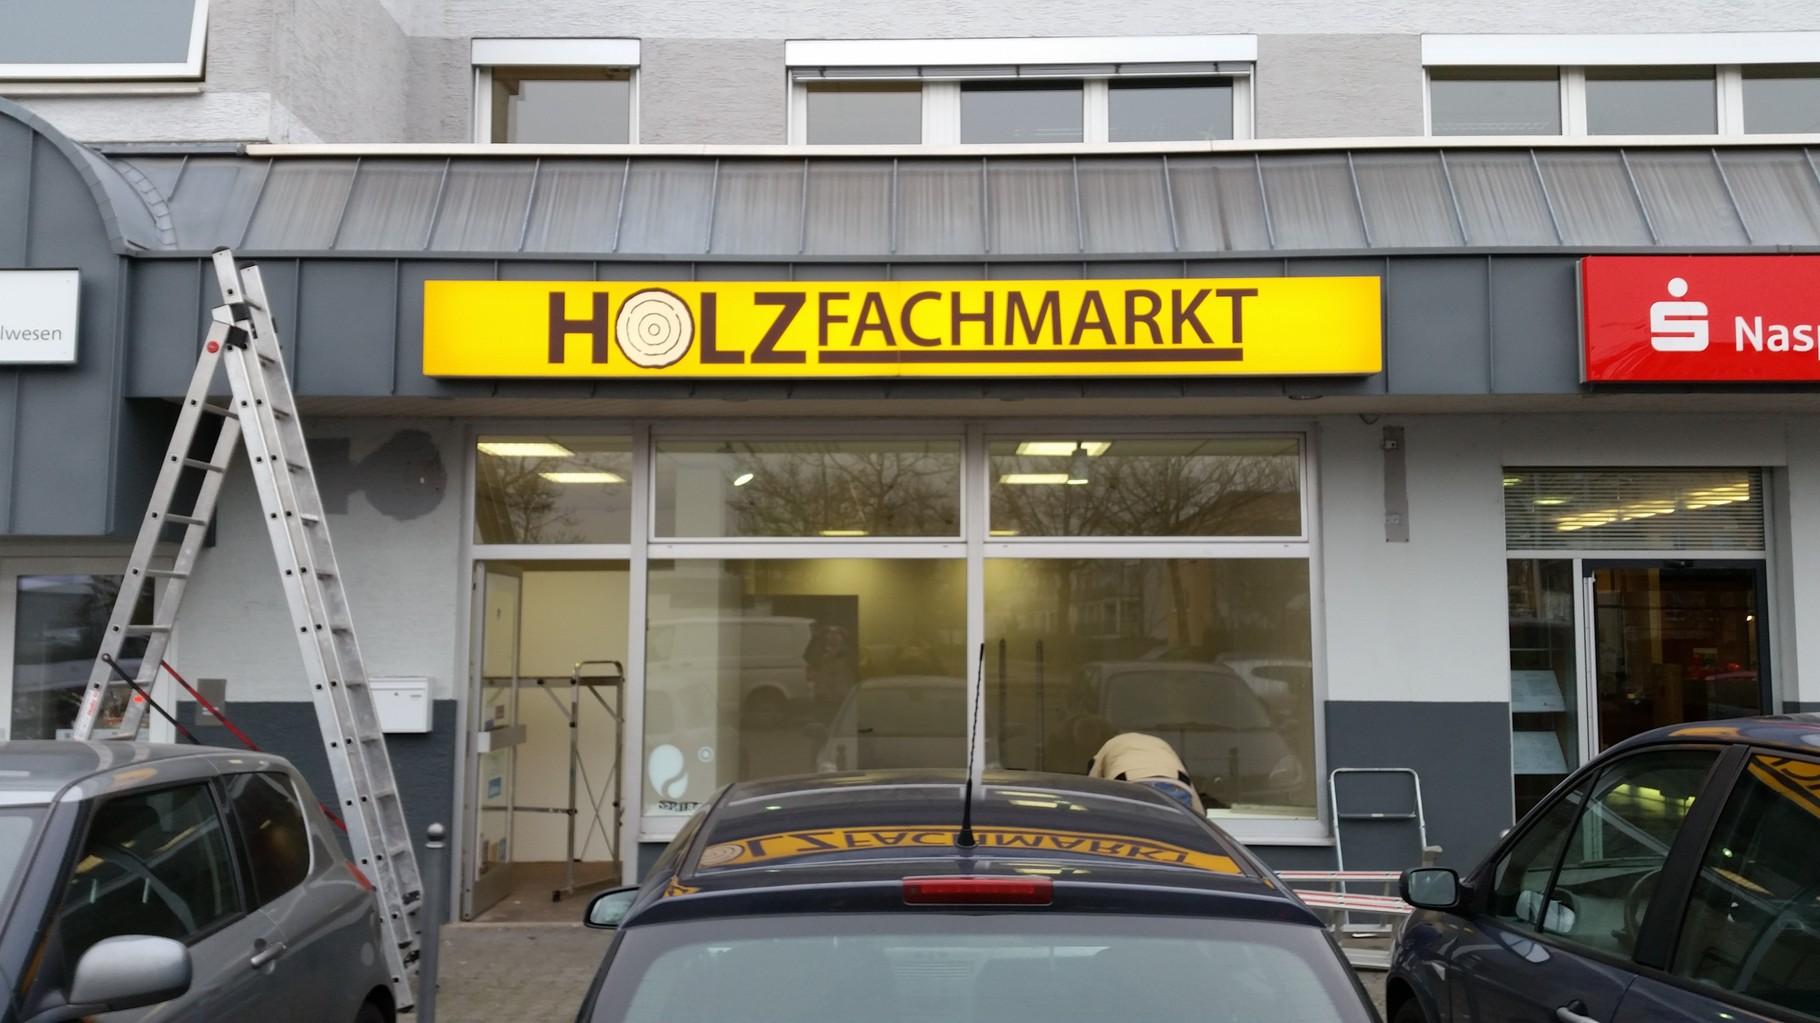 Holzfachmarkt, Hochheim